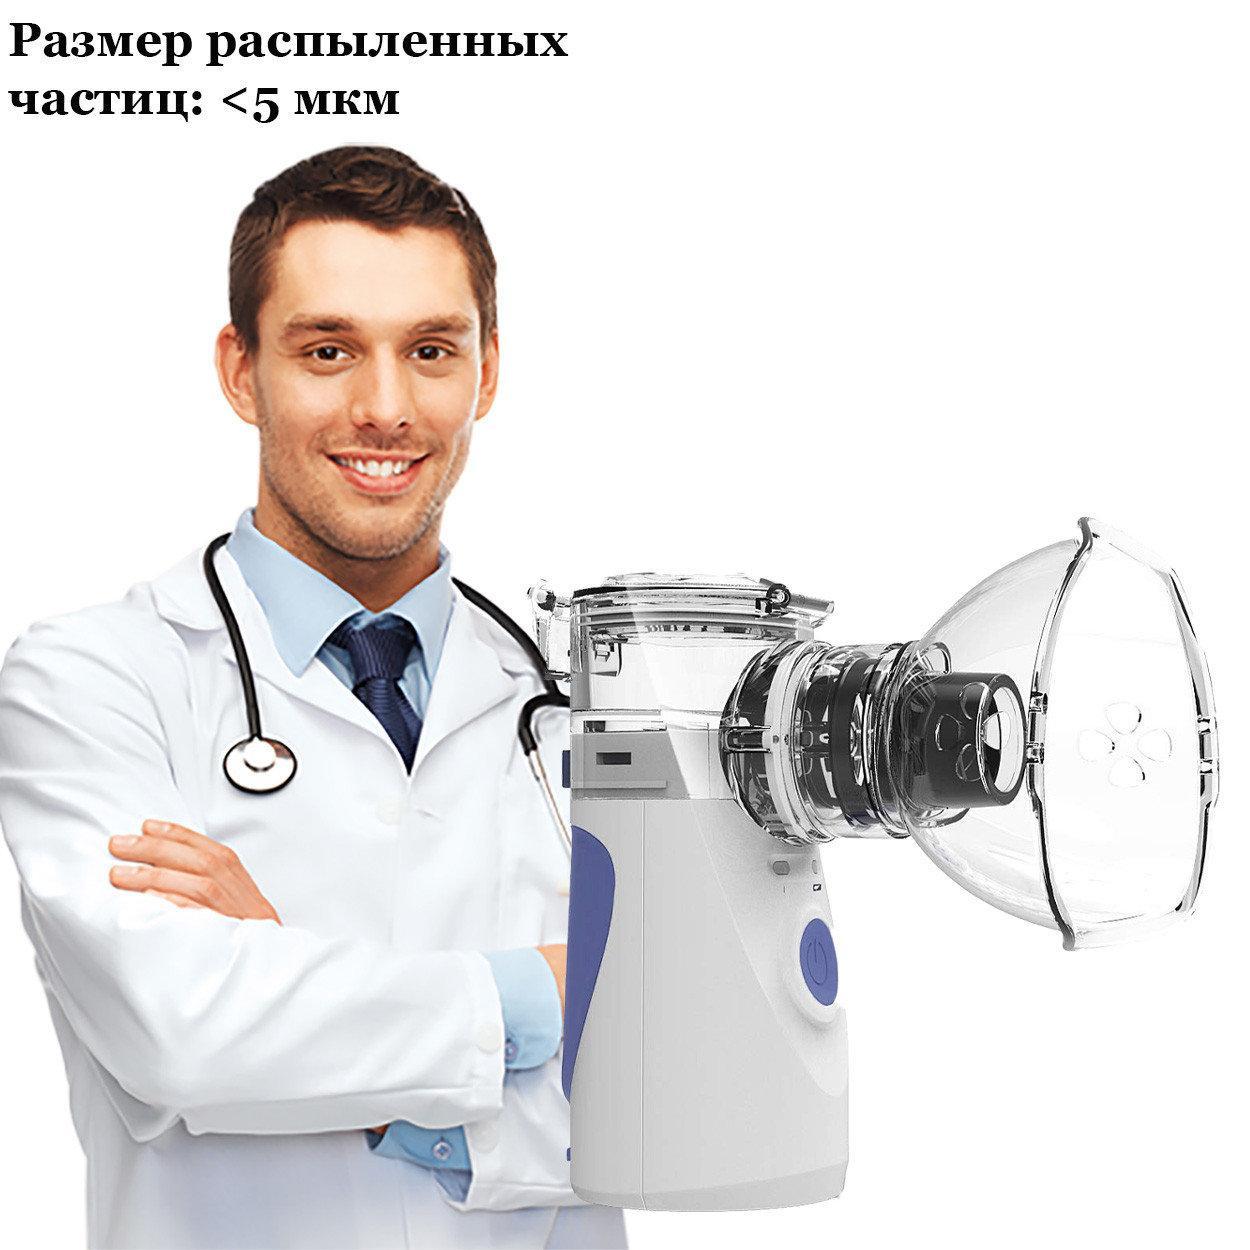 Ингалятор небулайзер МЕШ для детей и взрослых Doc-team Mesh небулайзер ультразвуковой небулайзер мембранный